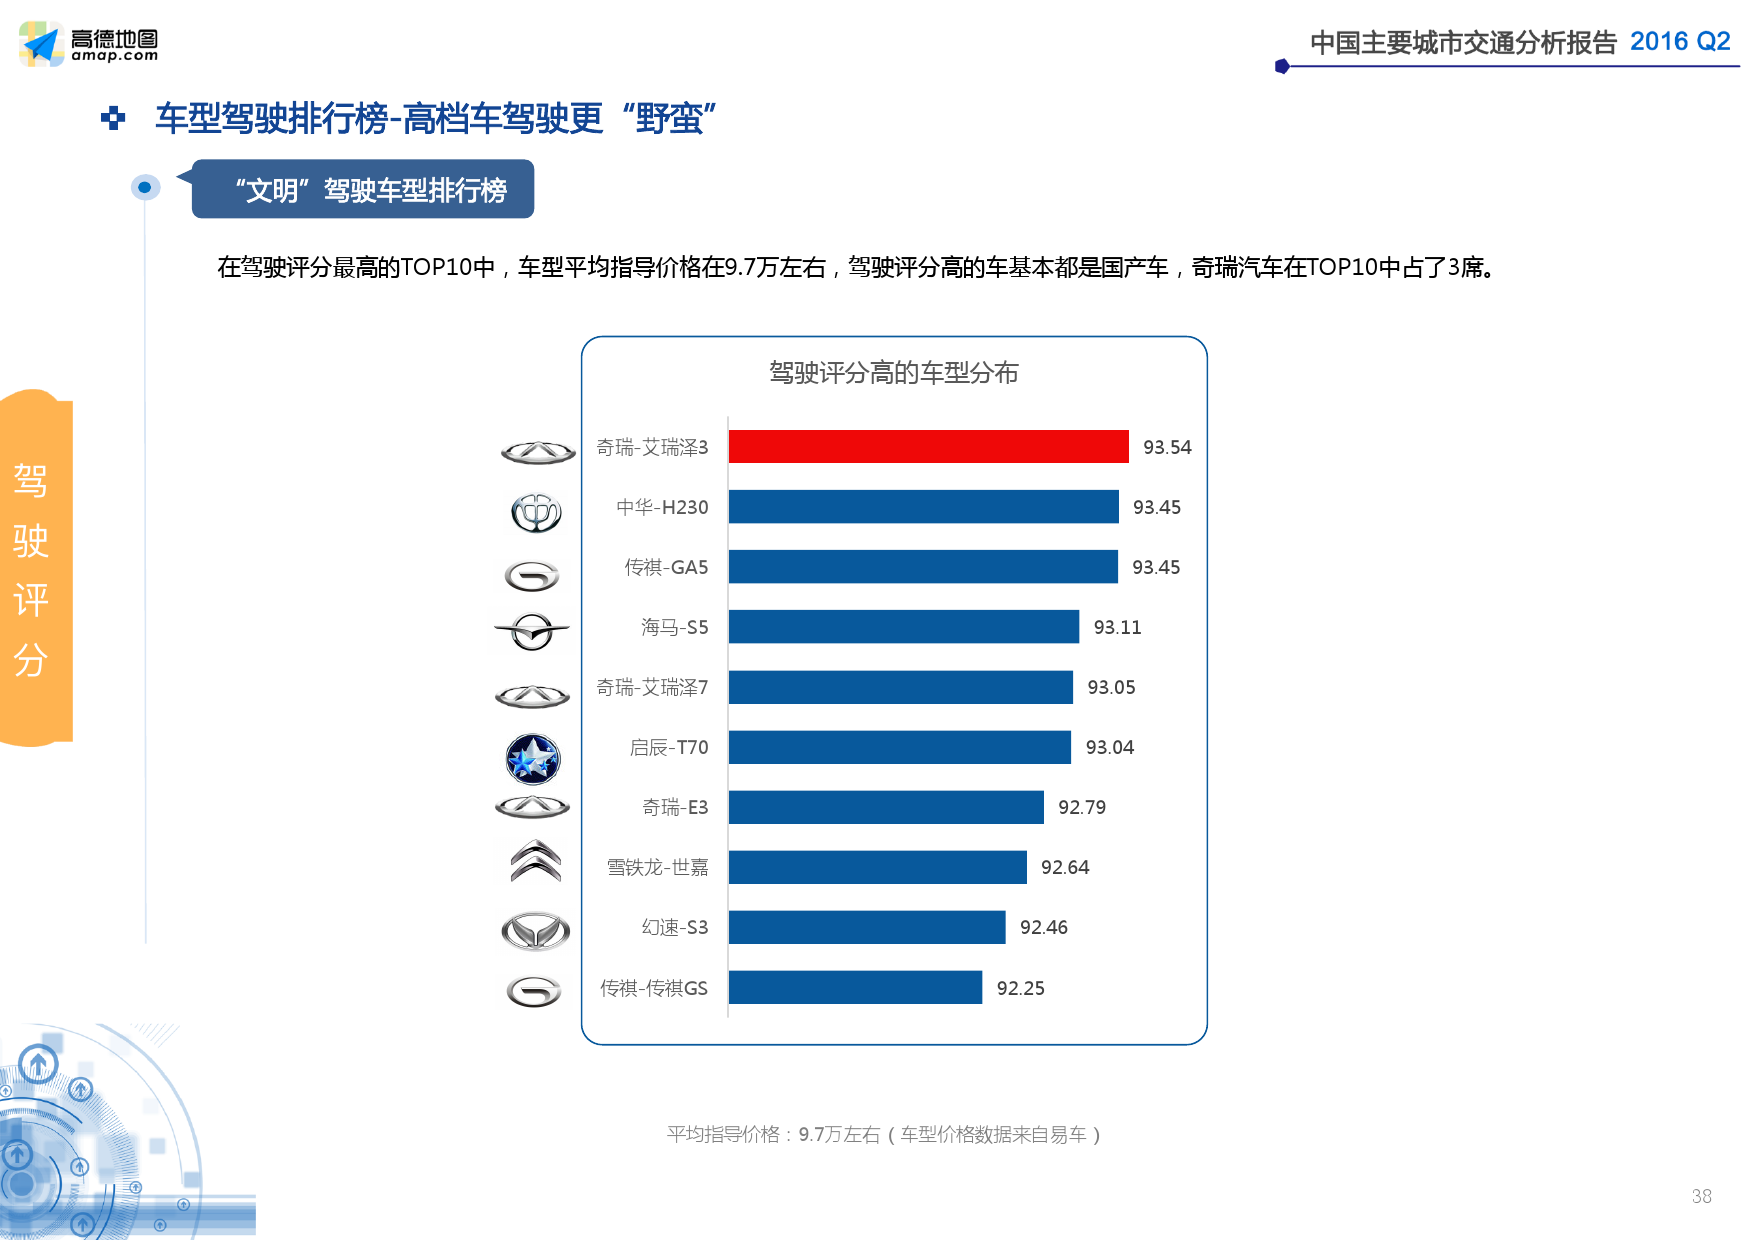 2016年Q2中国主要城市交通分析报告_000038